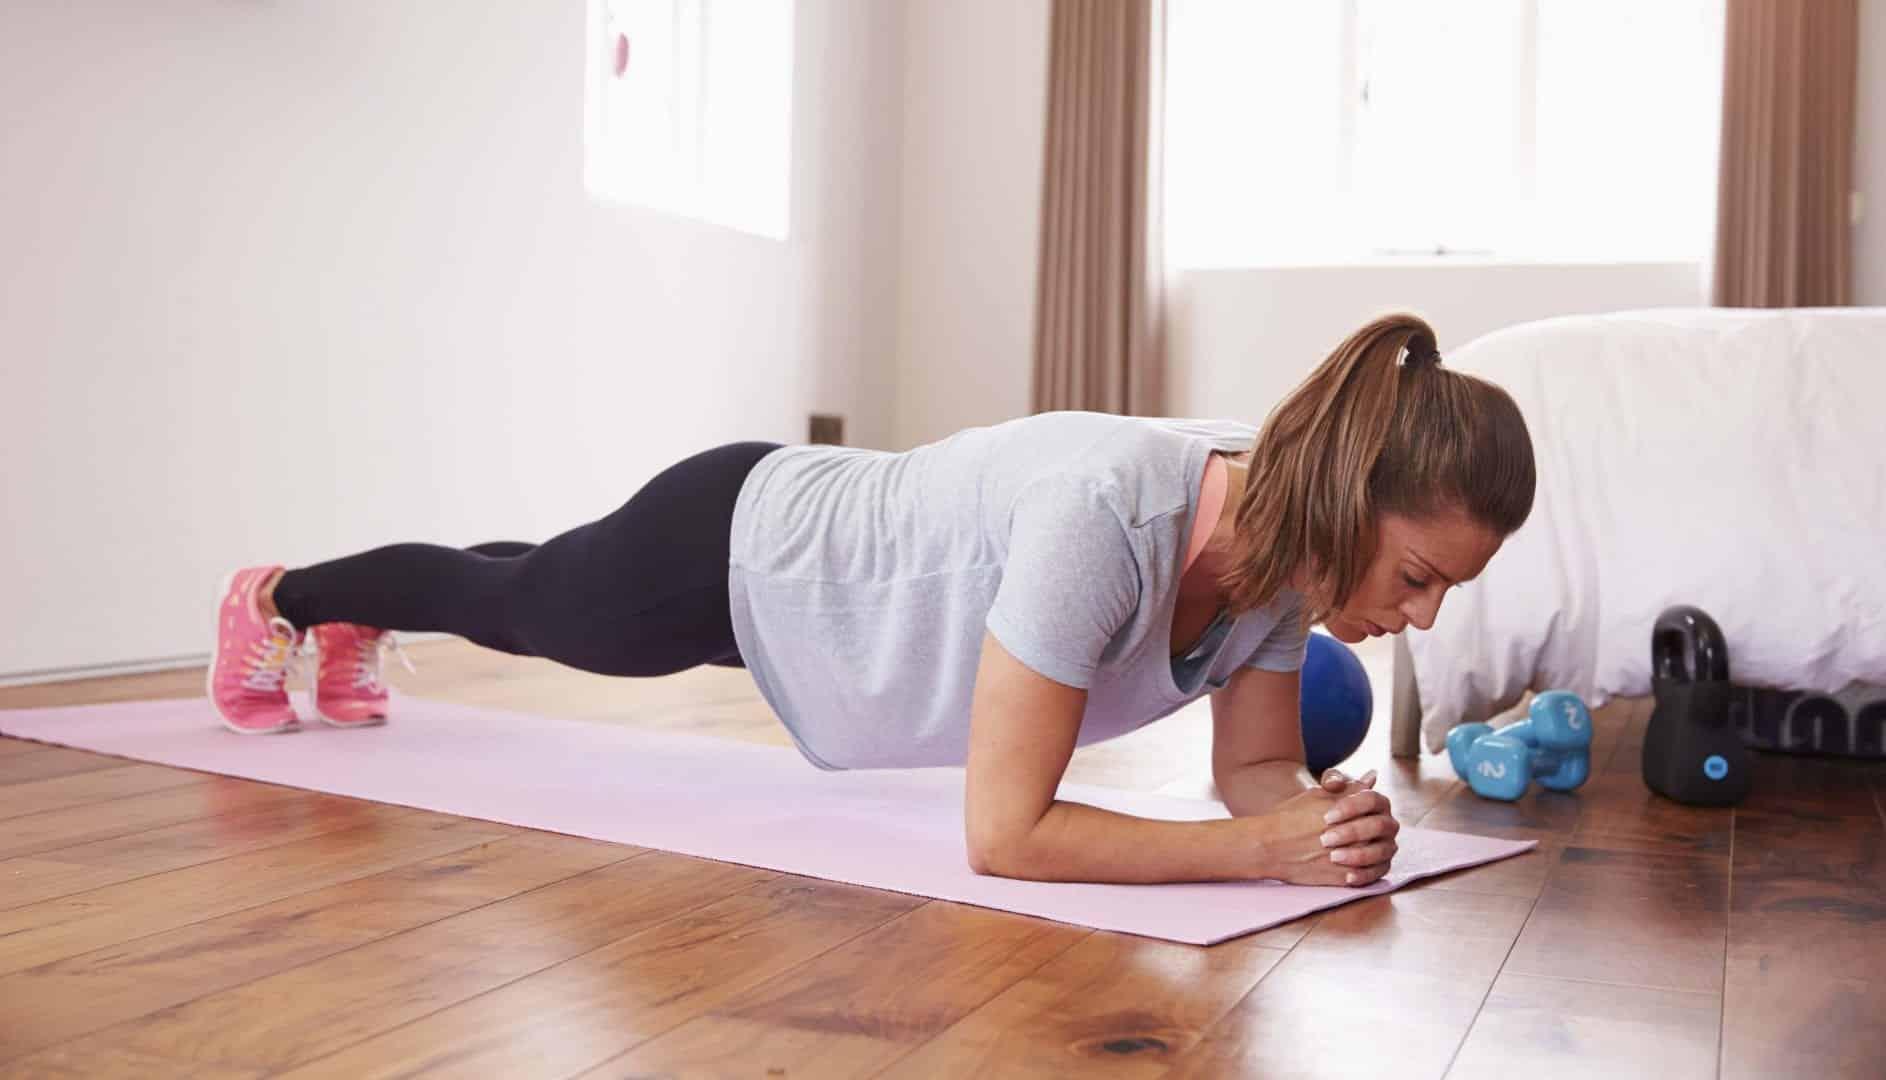 Malhar em casa - como manter a forma sem academia